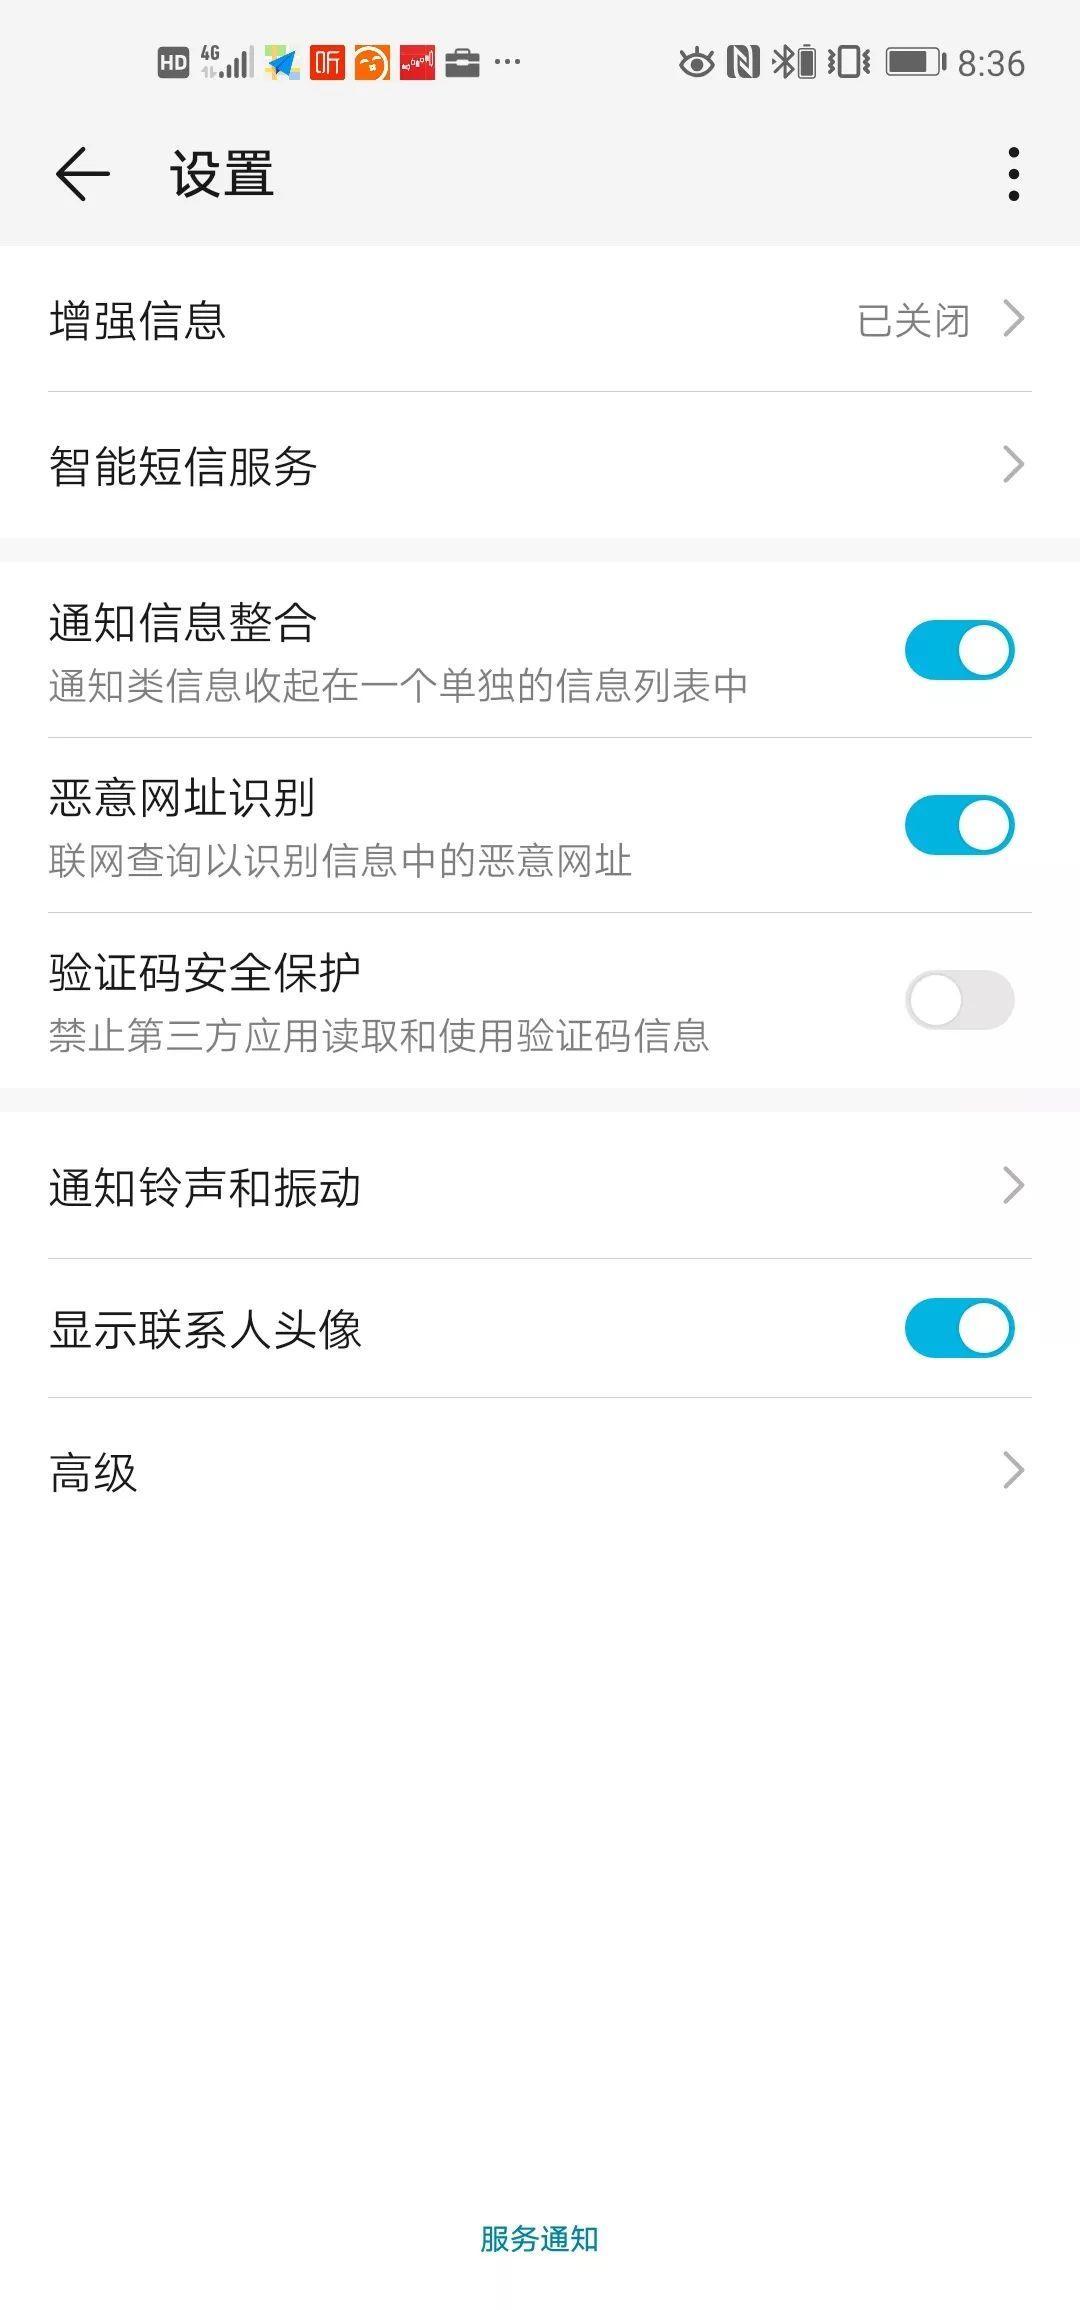 【研究社】短信验证码:iOS和安卓端系统的设计方案差异和最优选择